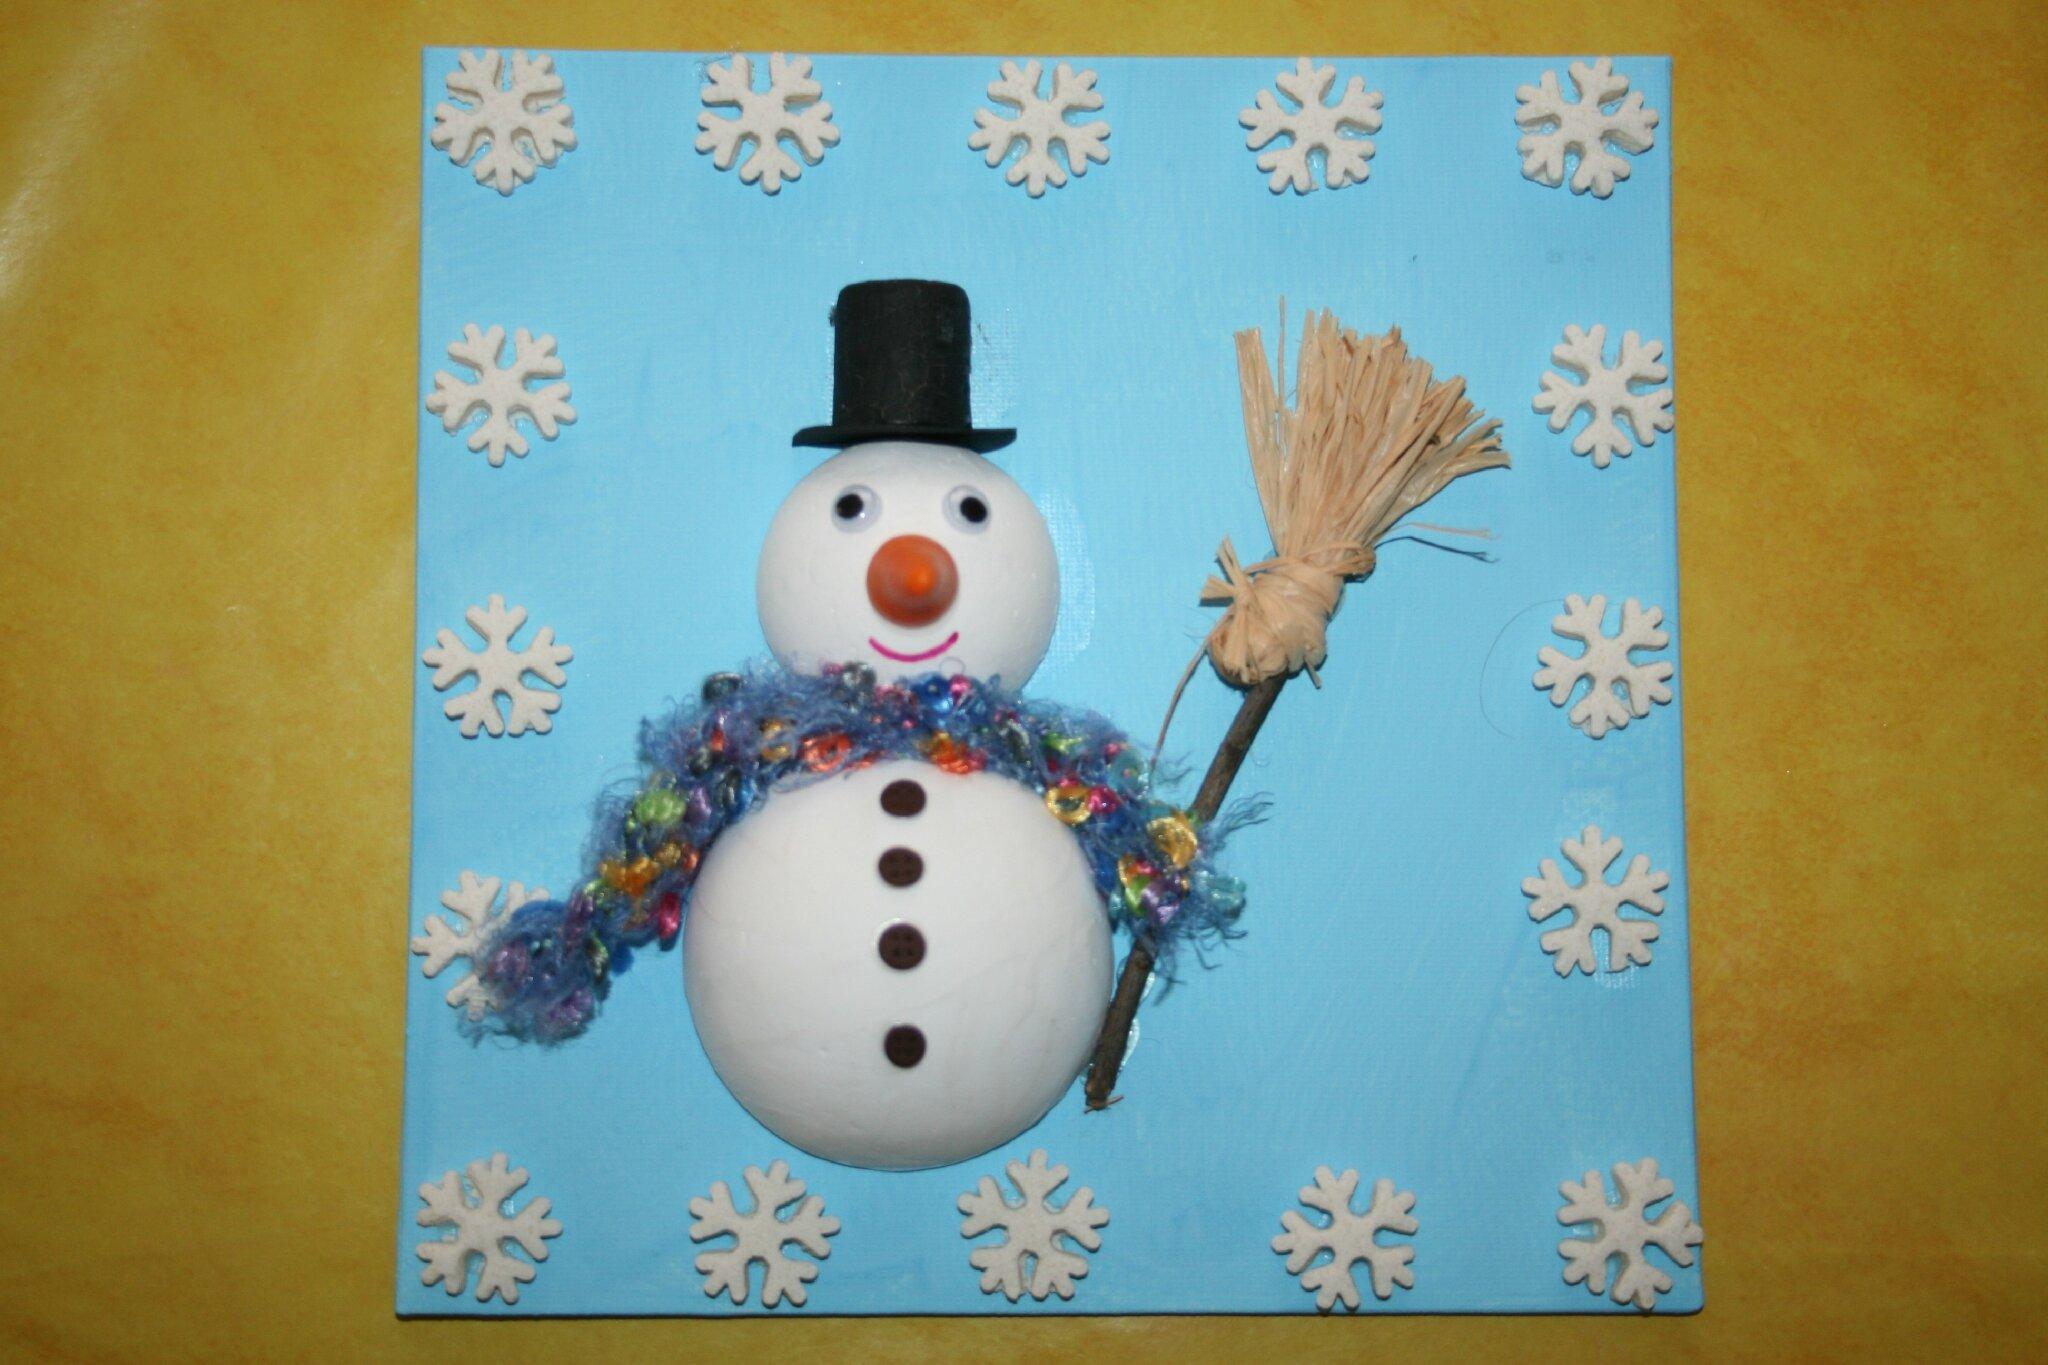 bonhomme de neige en boules polystyr ne les lutins cr atifs bricolage pour enfants. Black Bedroom Furniture Sets. Home Design Ideas